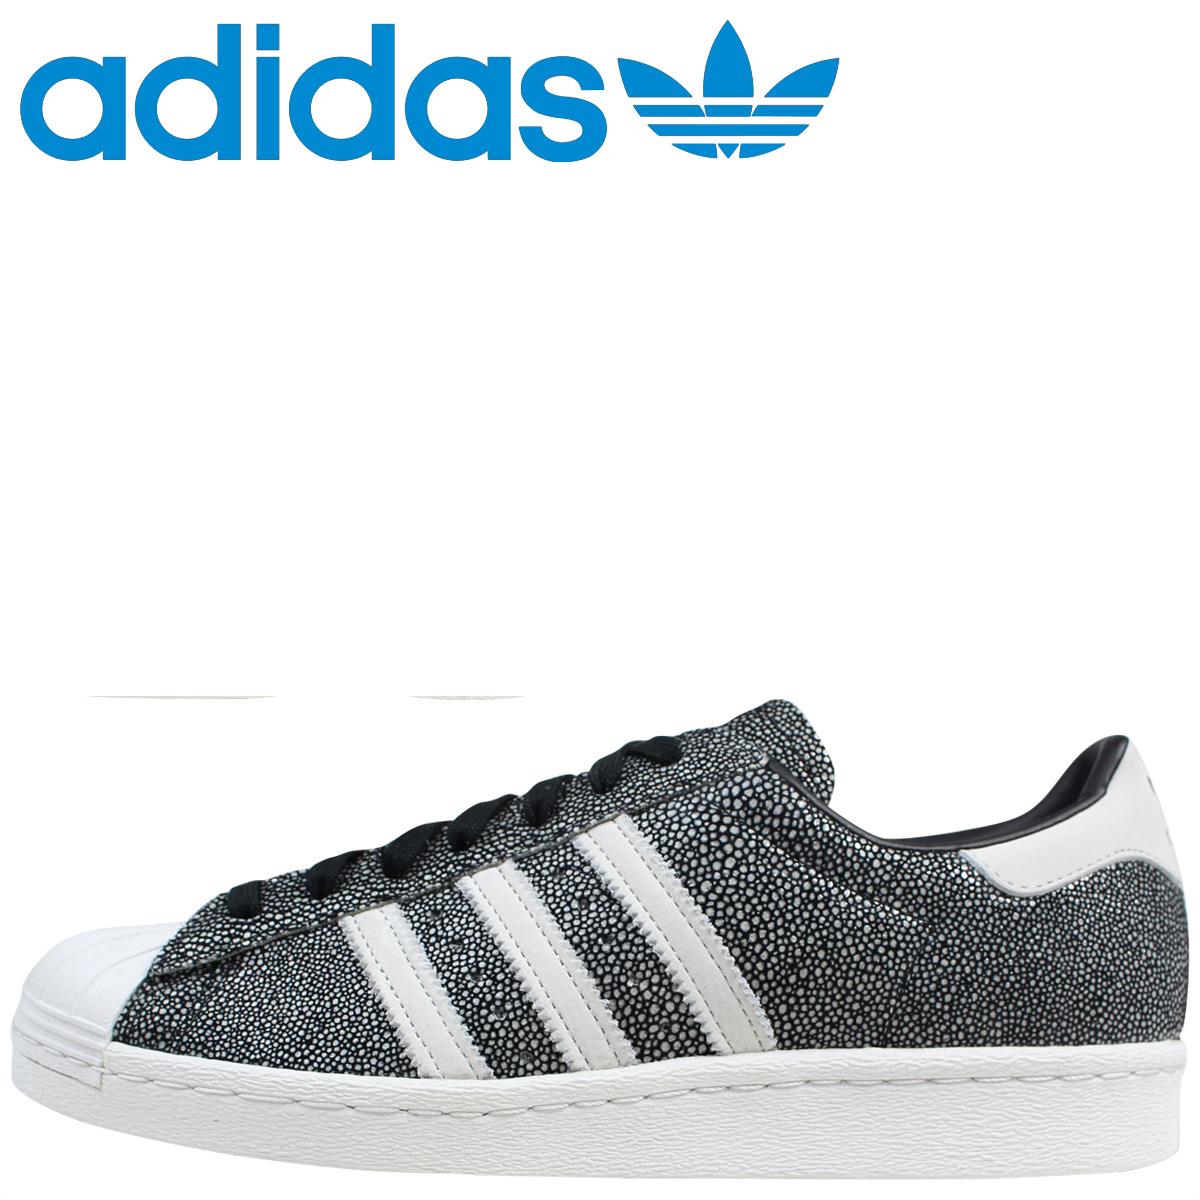 Sneak online tienda online Sneak Rakuten mercado global: adidas superstar sneakers 6dbf79